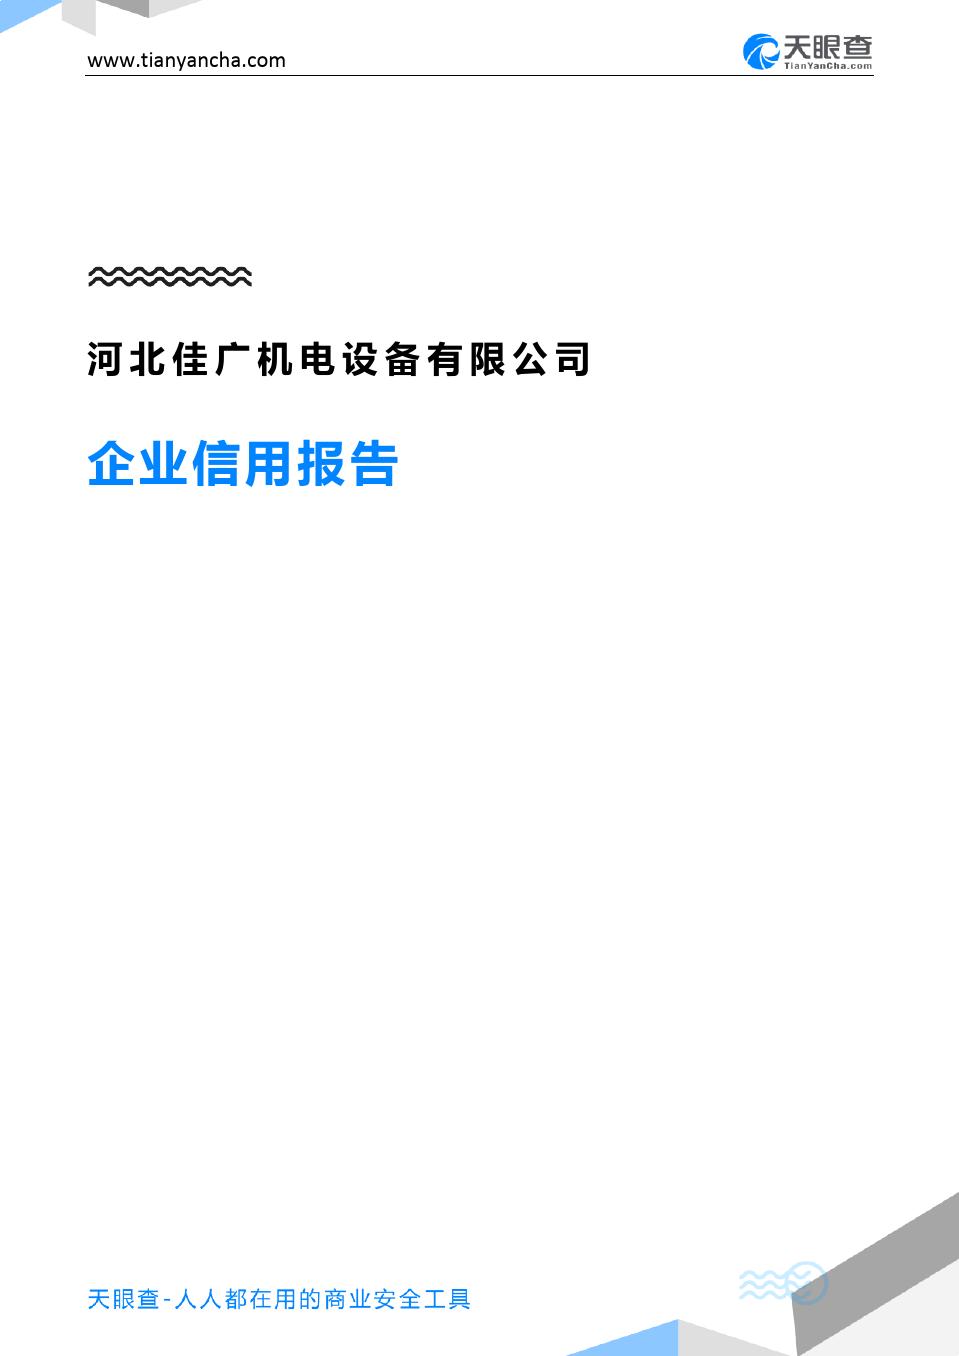 河北佳广机电设备有限公司(企业信用报告)- 天眼查